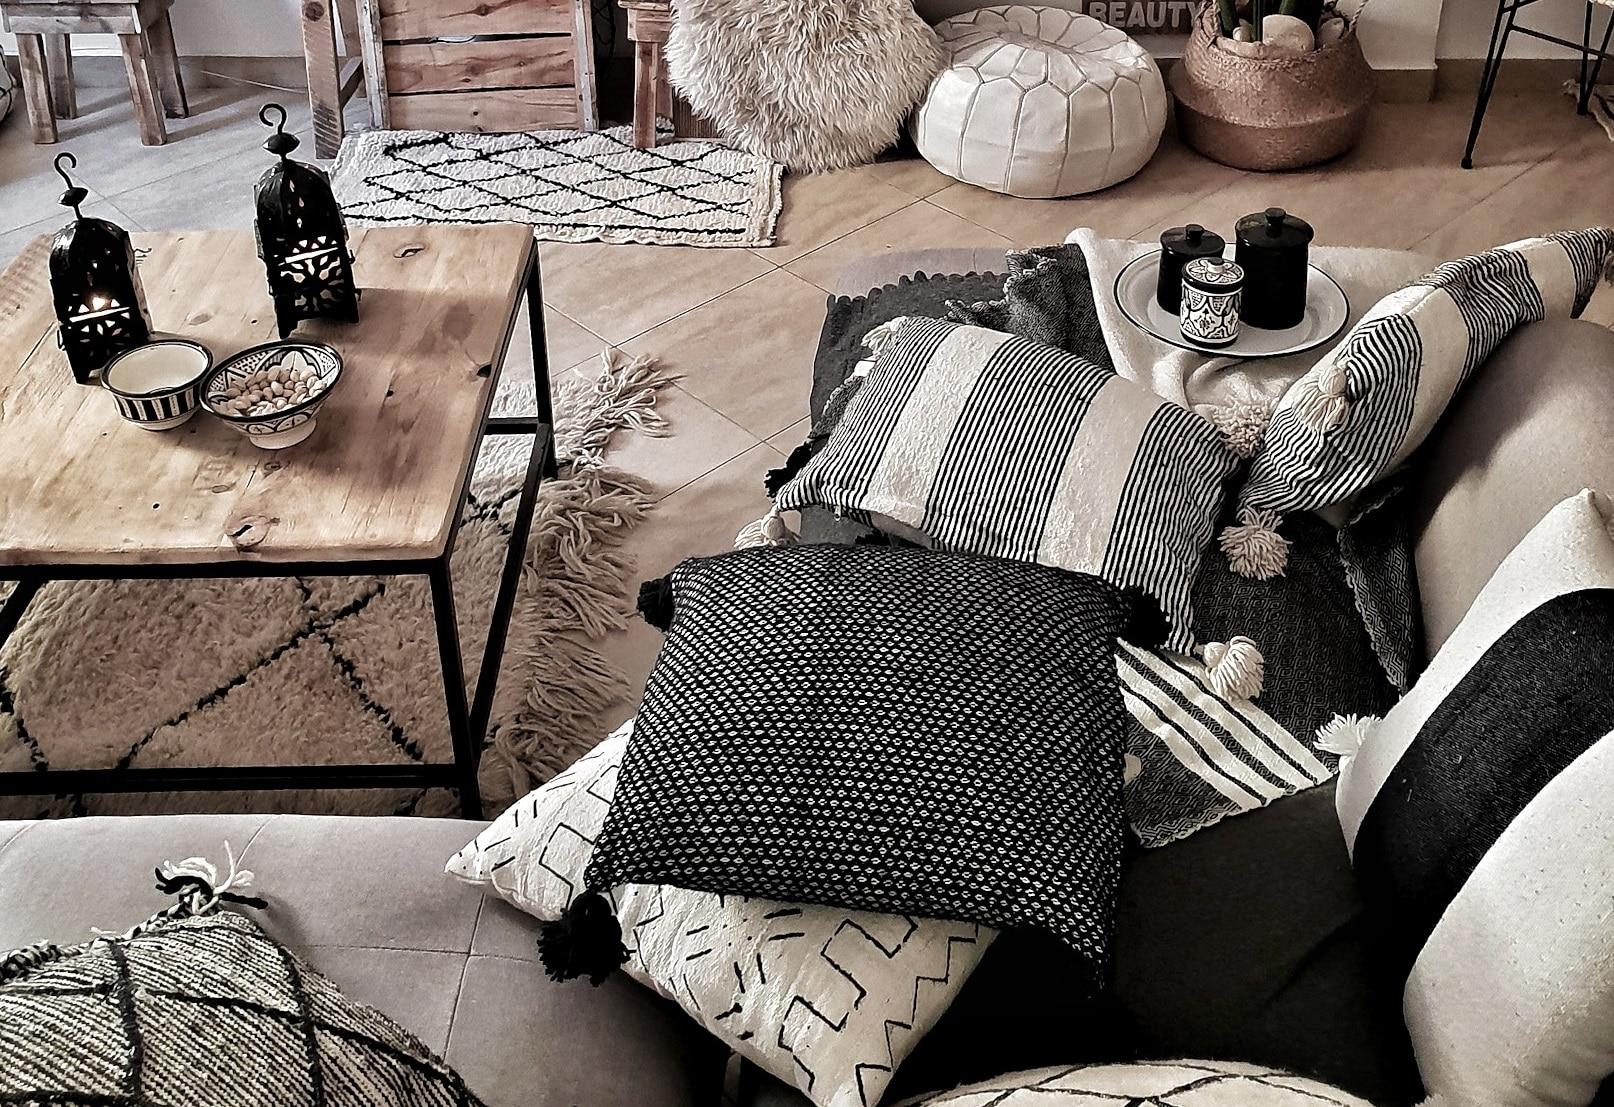 Dari Design marokkanische Kissen und Decken im Boho Look